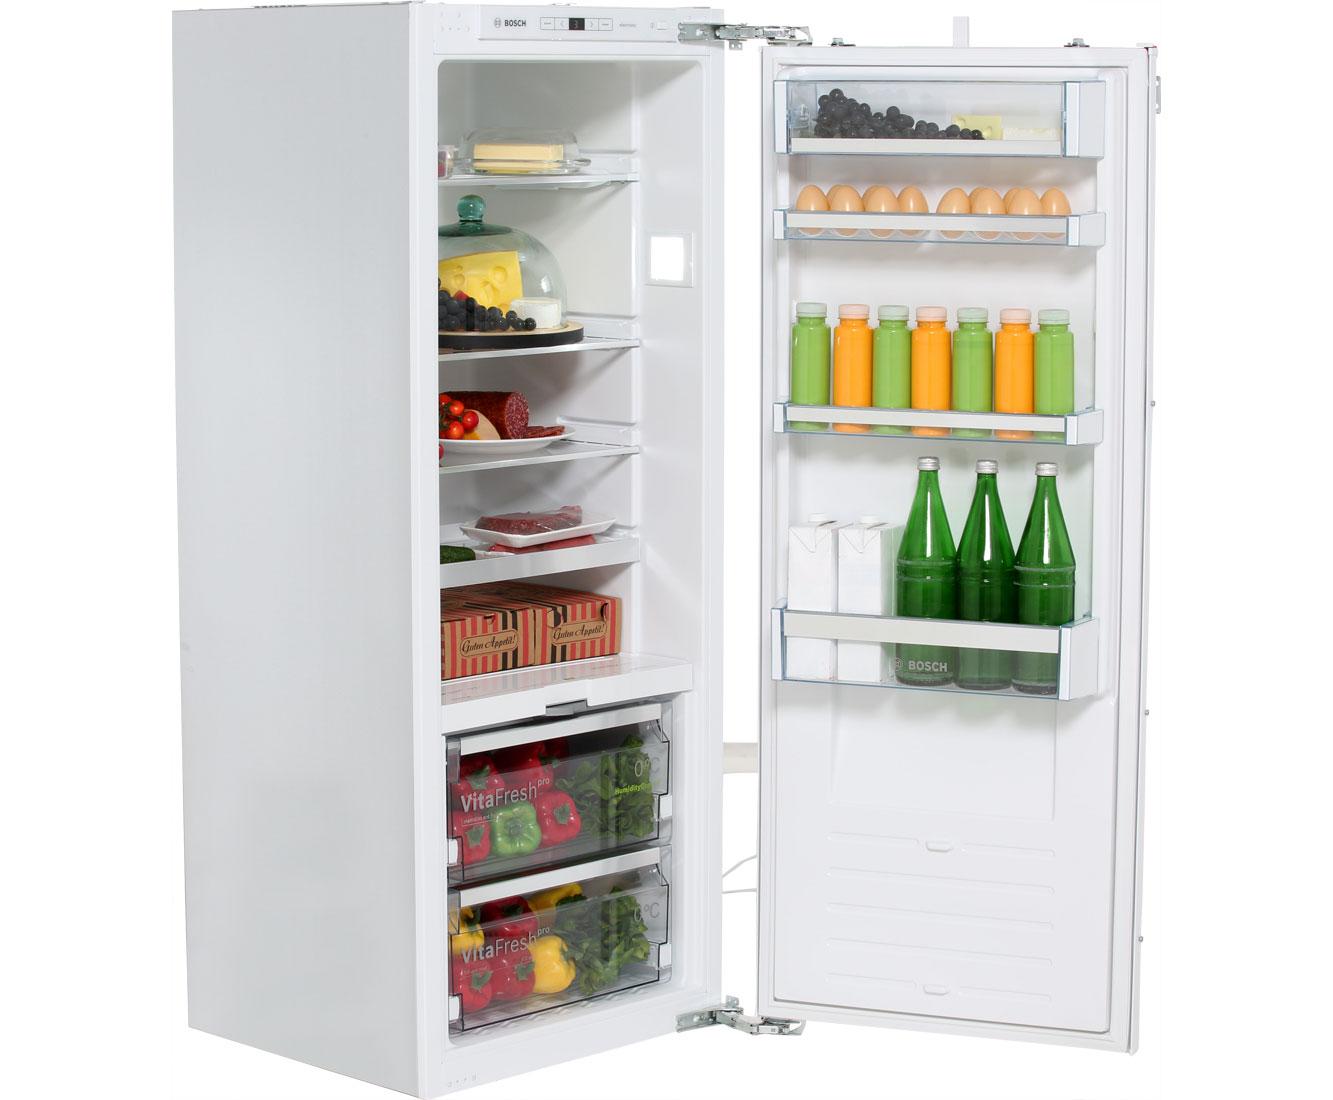 Kleiner Kühlschrank Einbau : Bosch serie kif af einbau kühlschrank er nische festtür